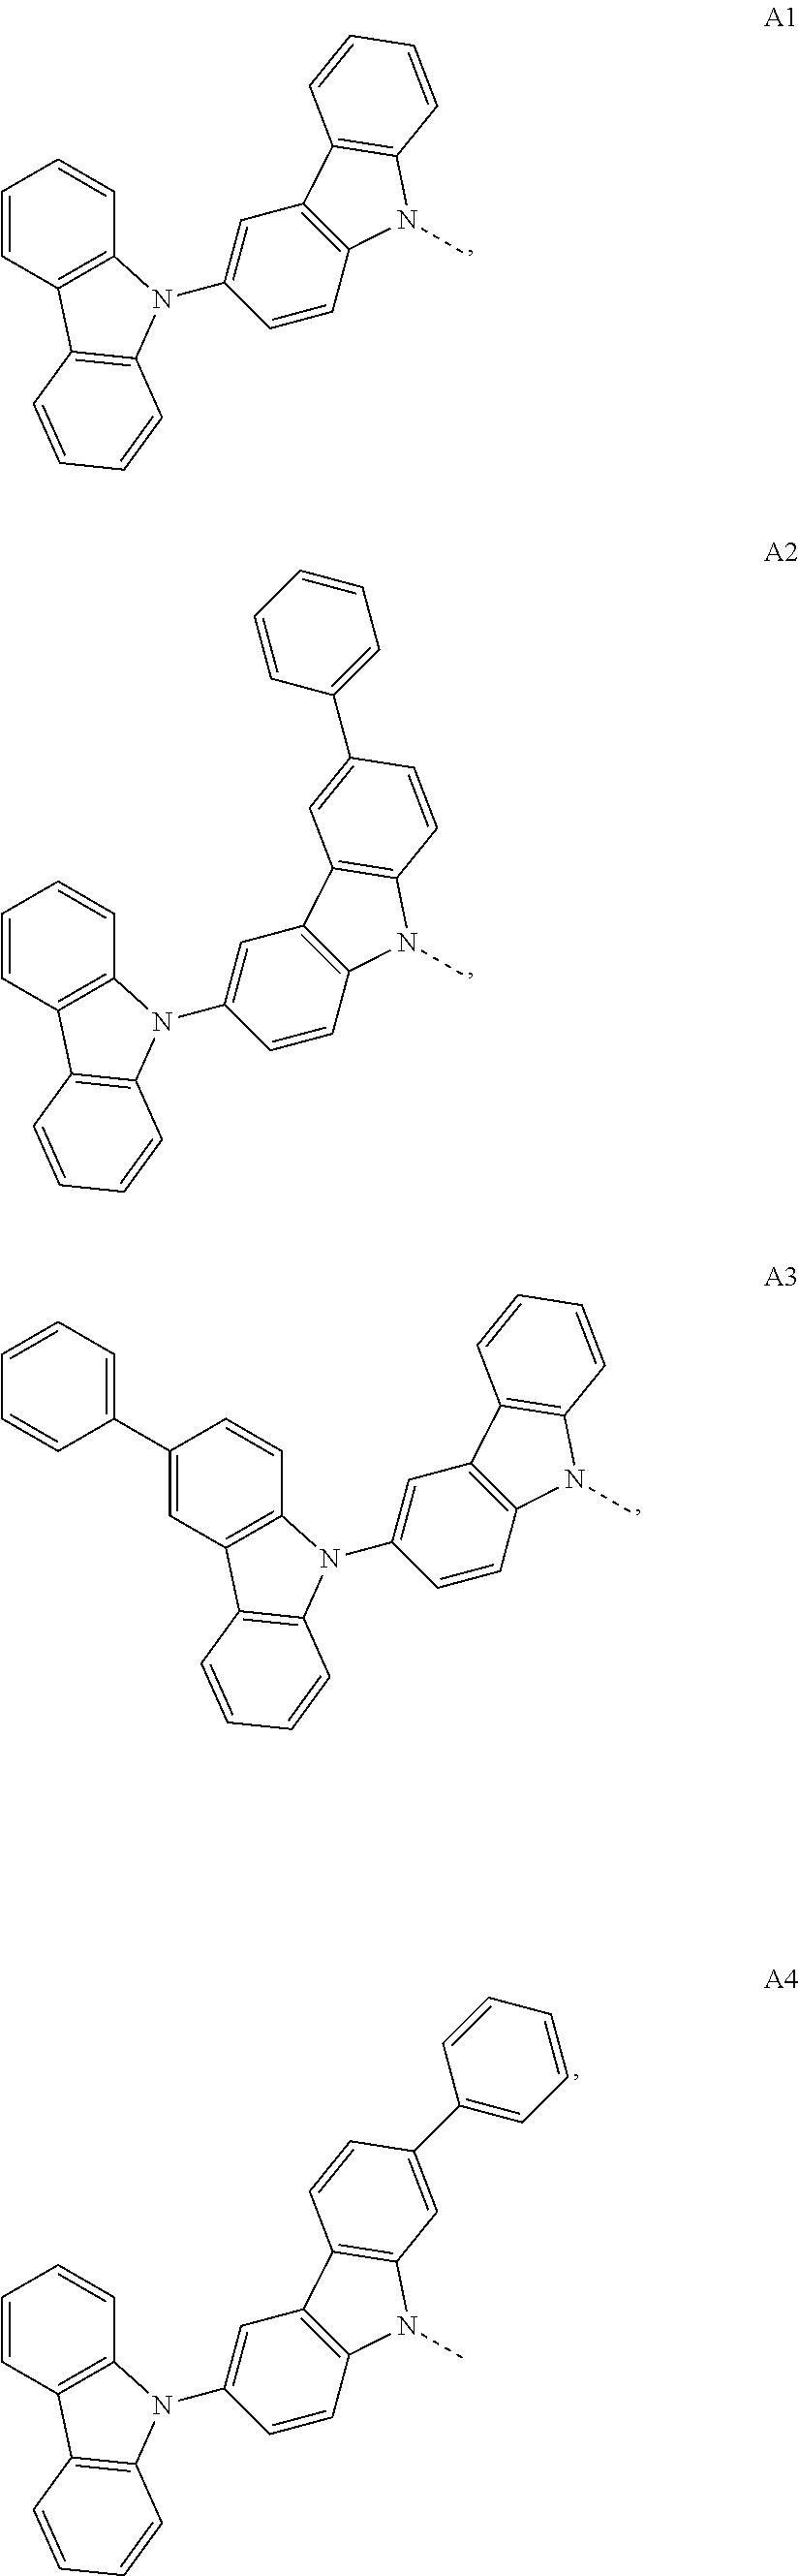 Figure US09876173-20180123-C00246